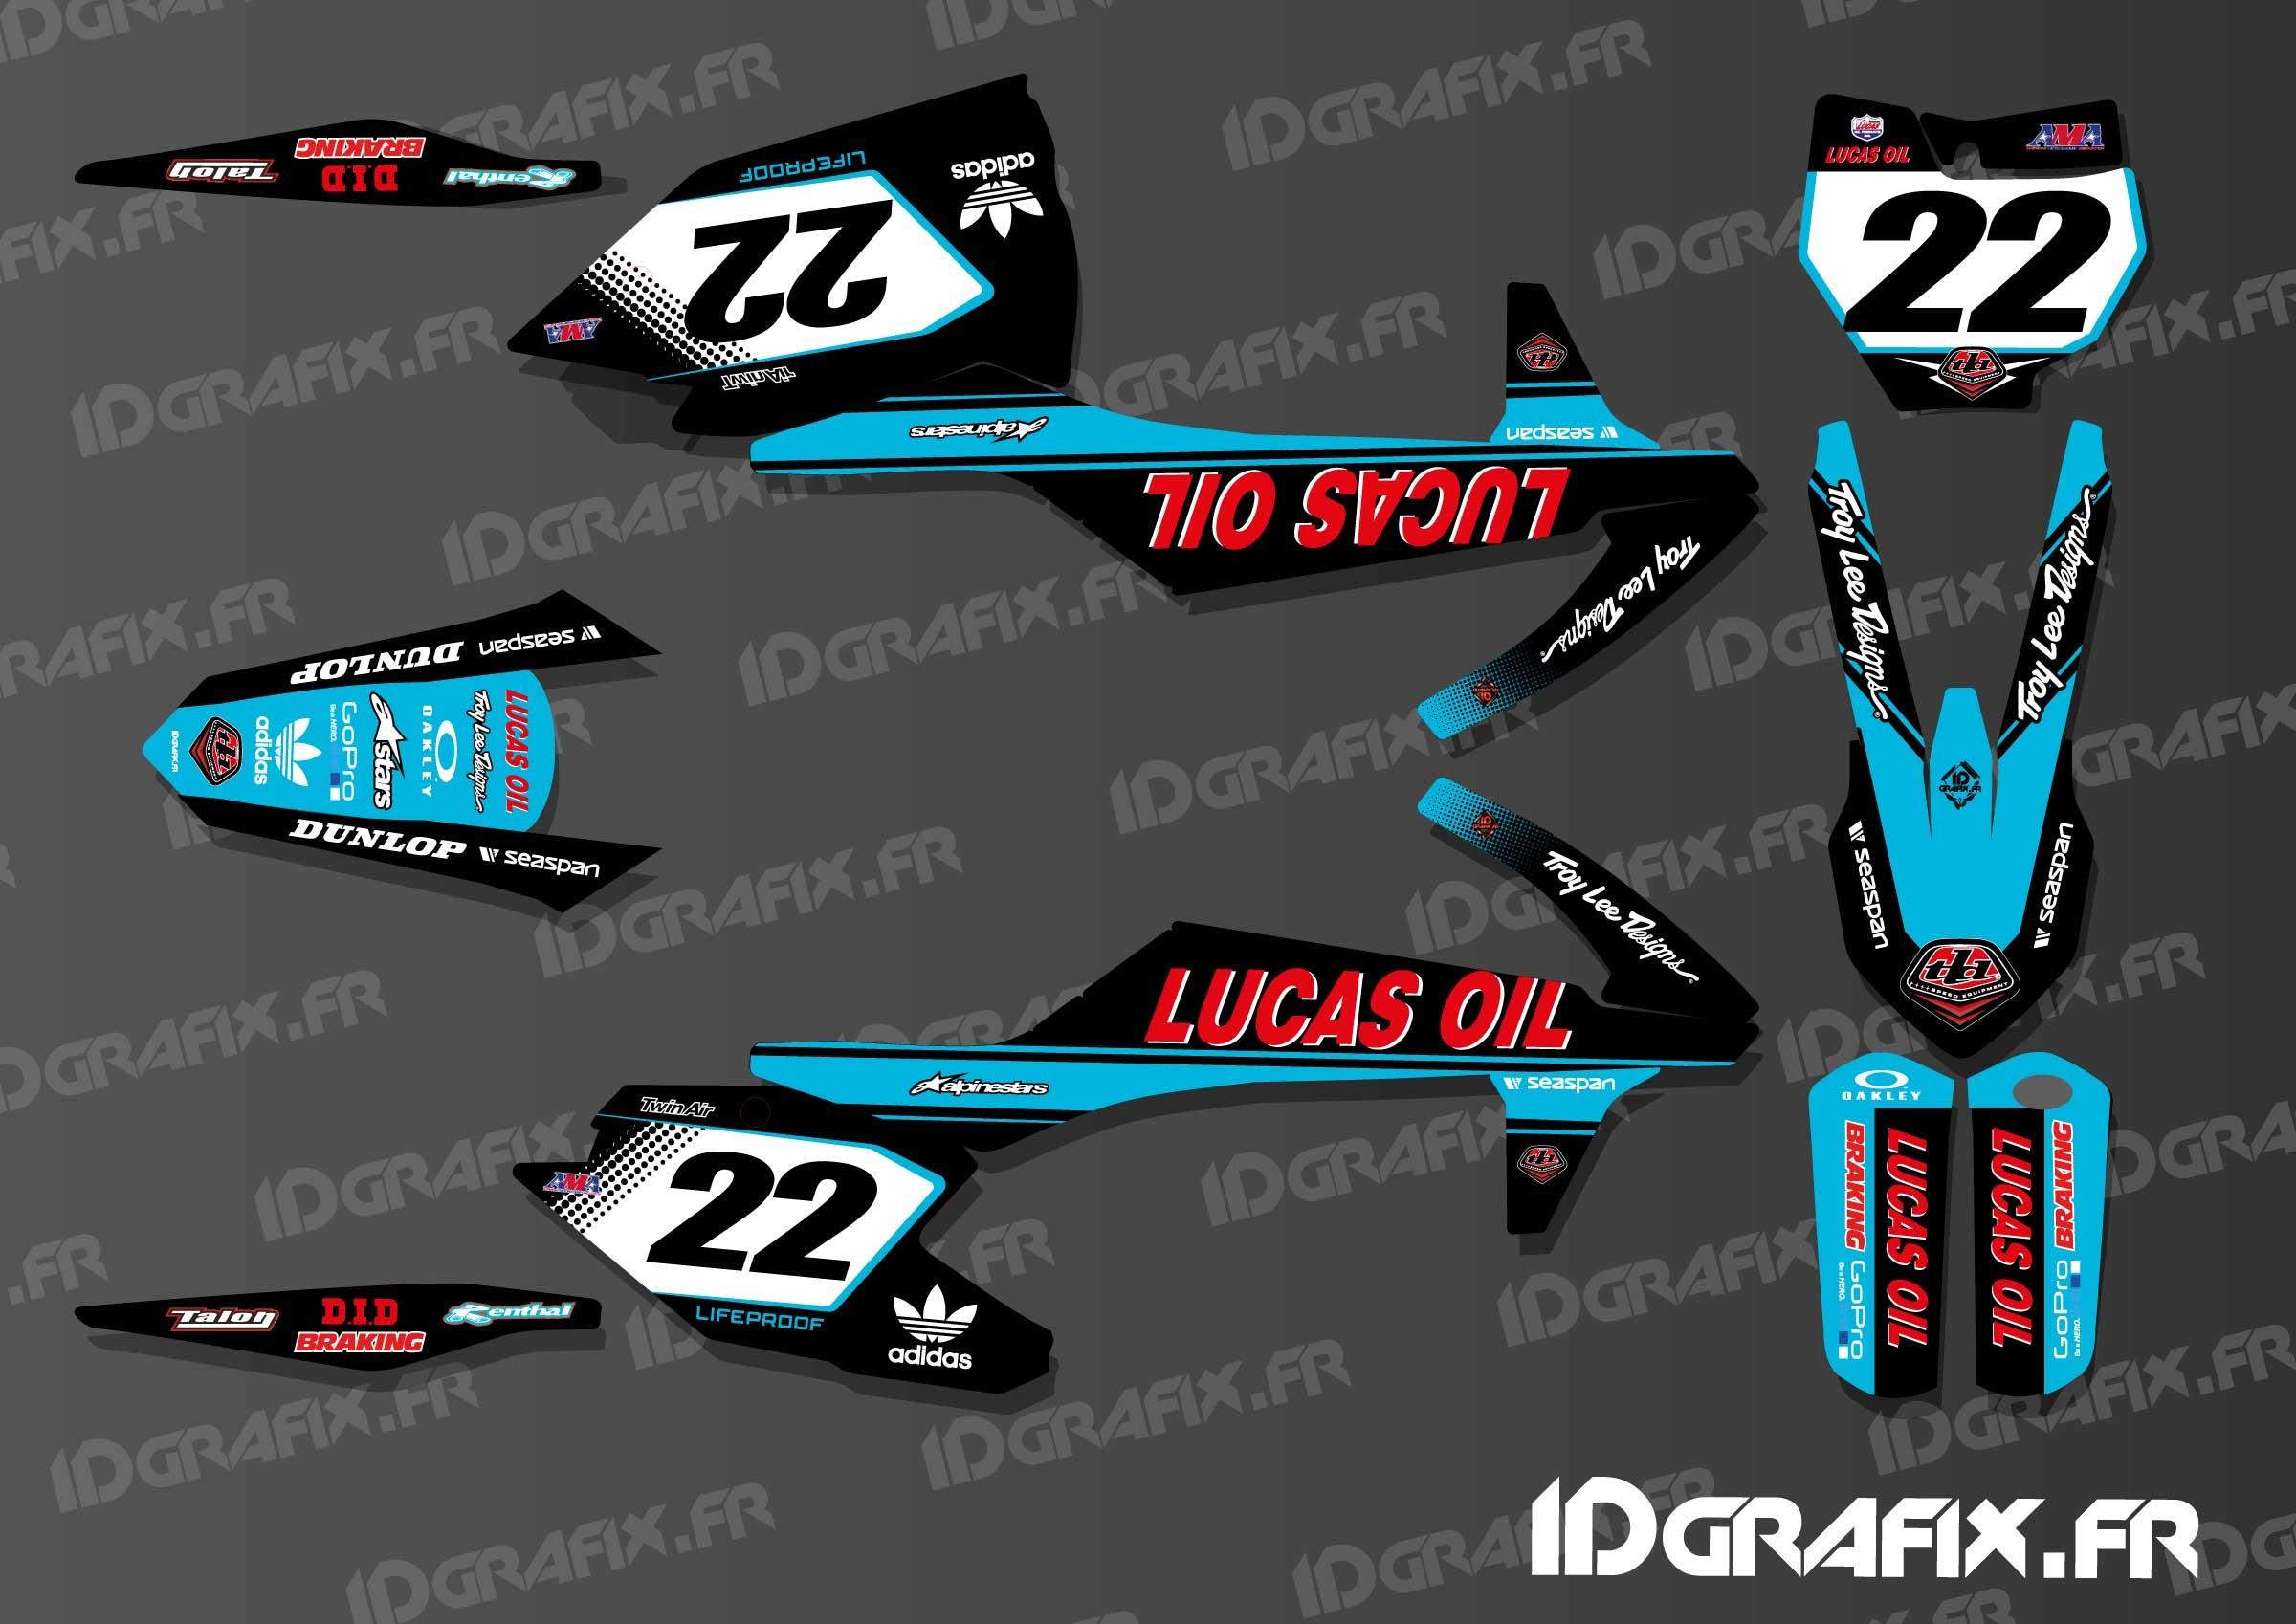 kit deco lucas oil blue edition ktm sx sxf